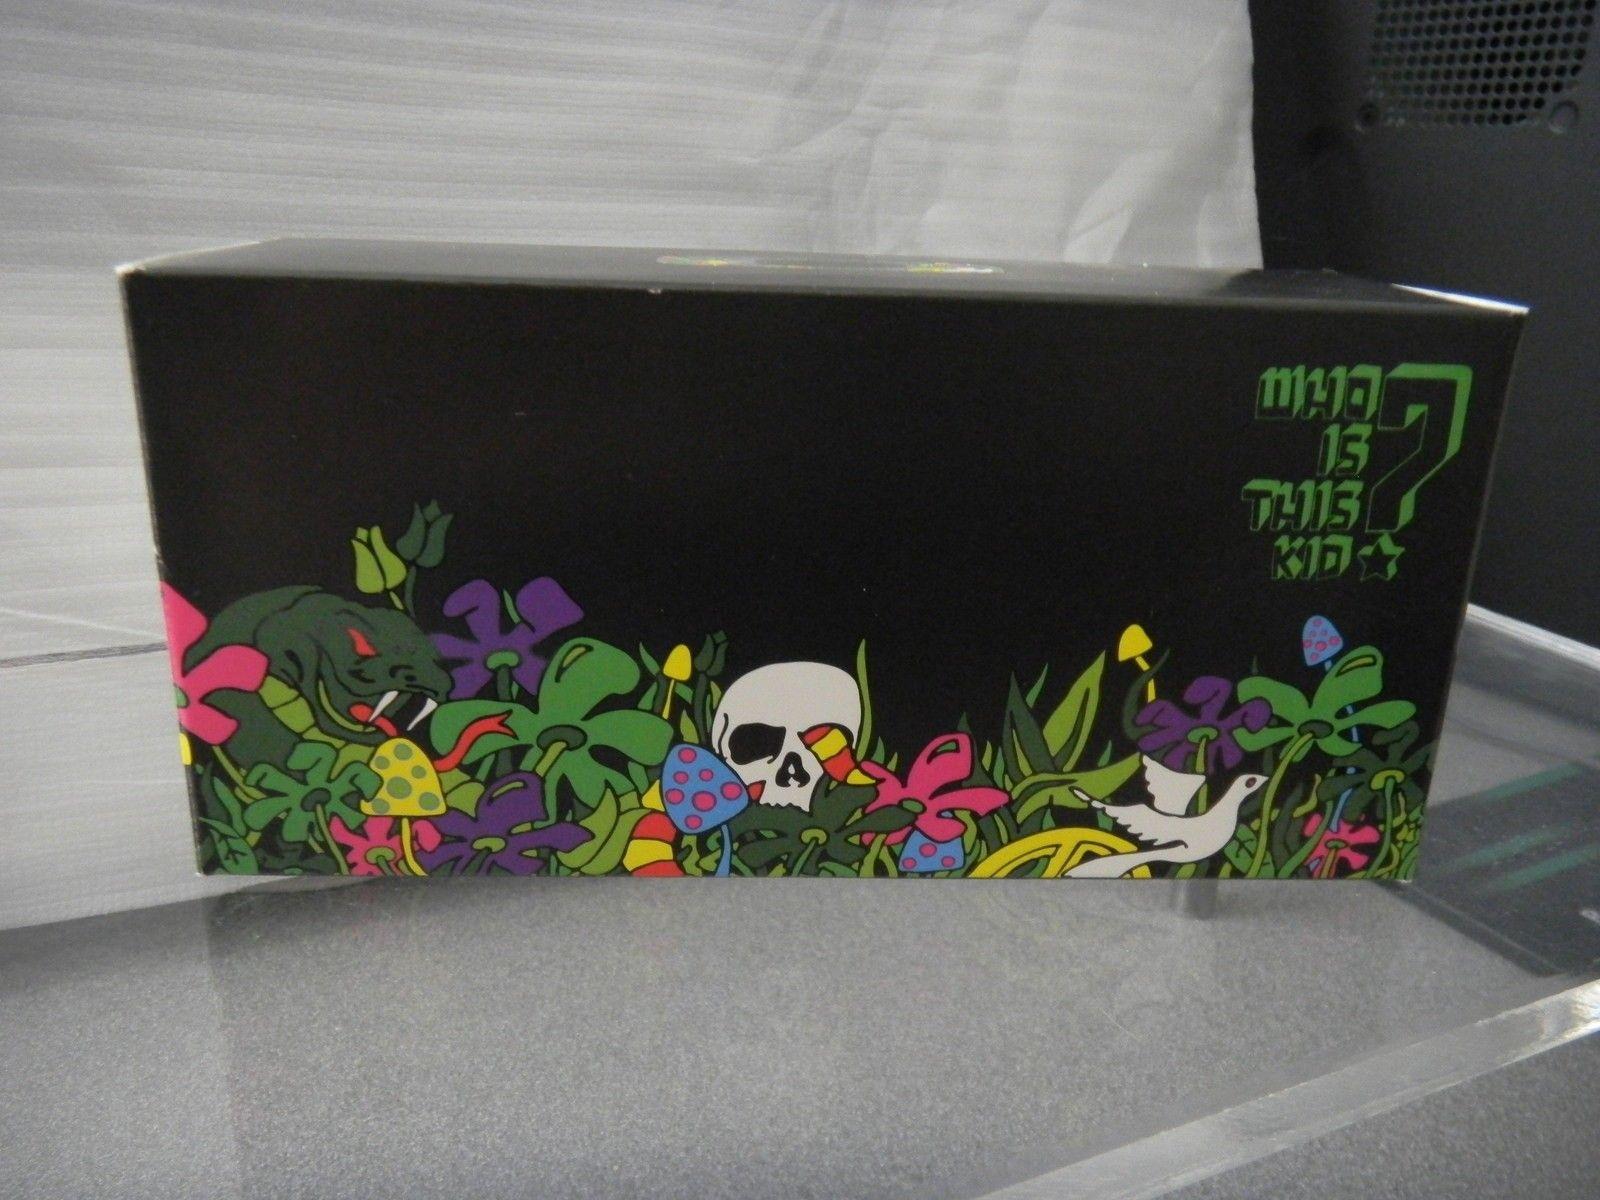 WITK Brand New In Box Complete - DSCN1014.JPG